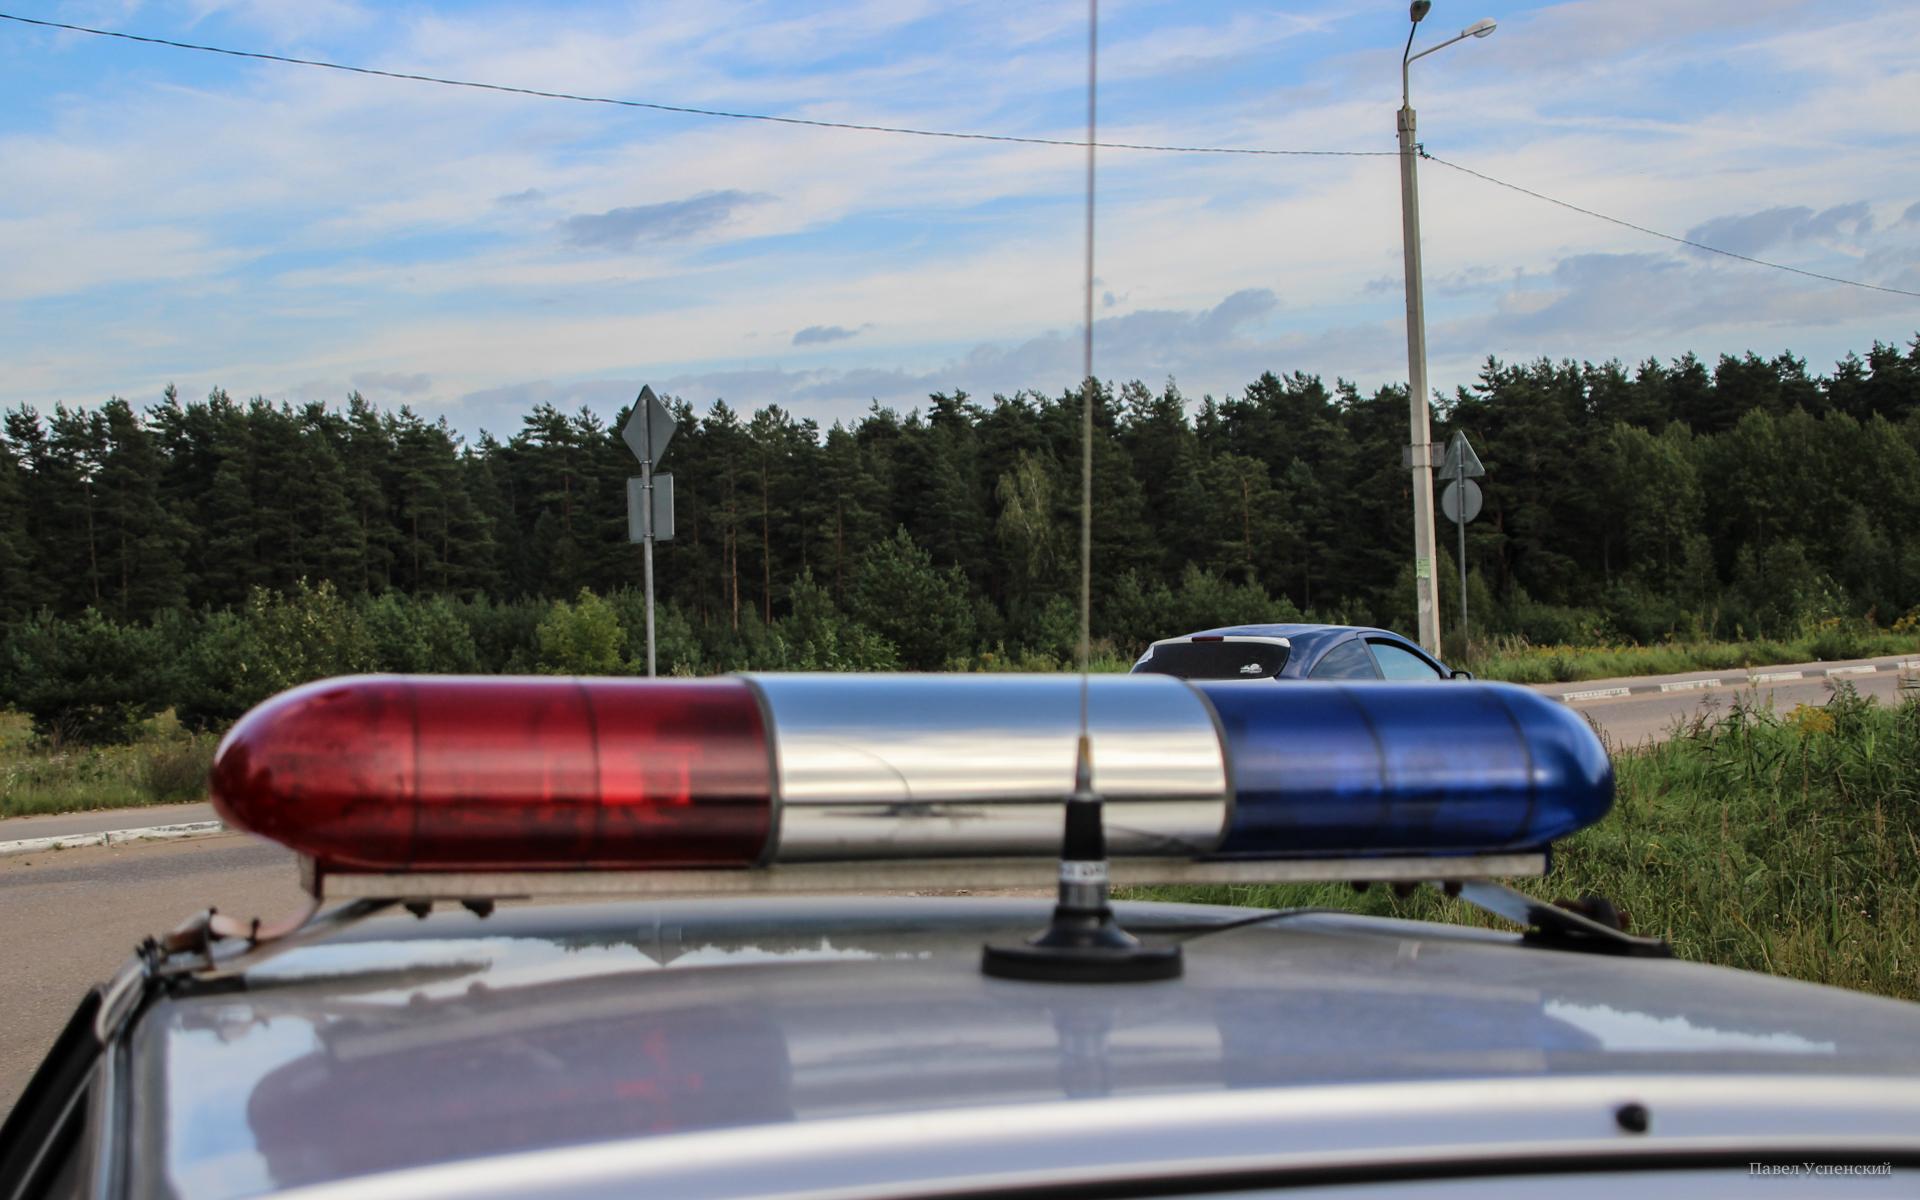 Ребенок пострадал в ДТП на трассе М9 в Тверской области - новости Афанасий